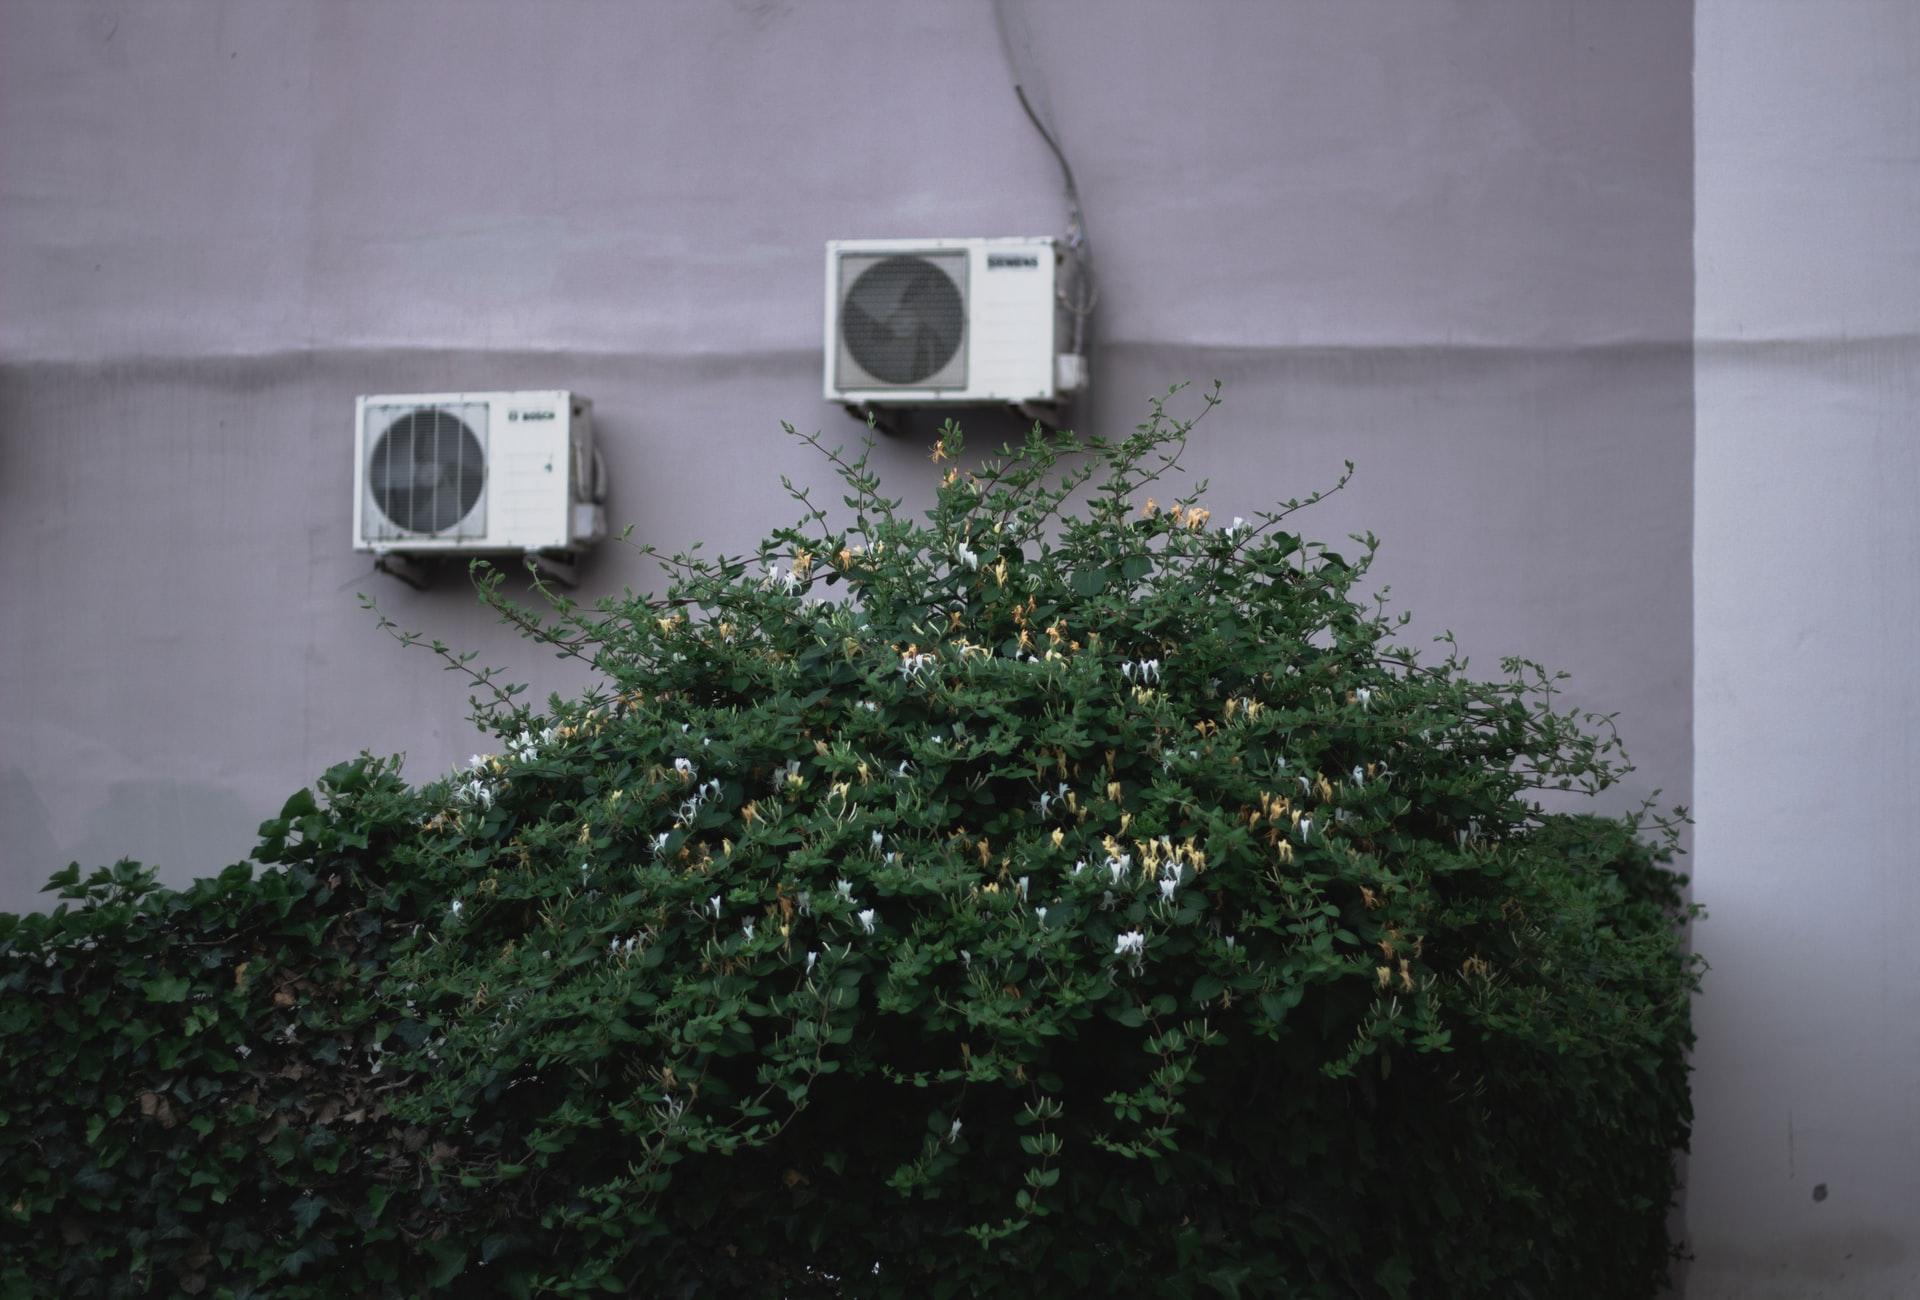 Les climatiseurs pour préparer l'été